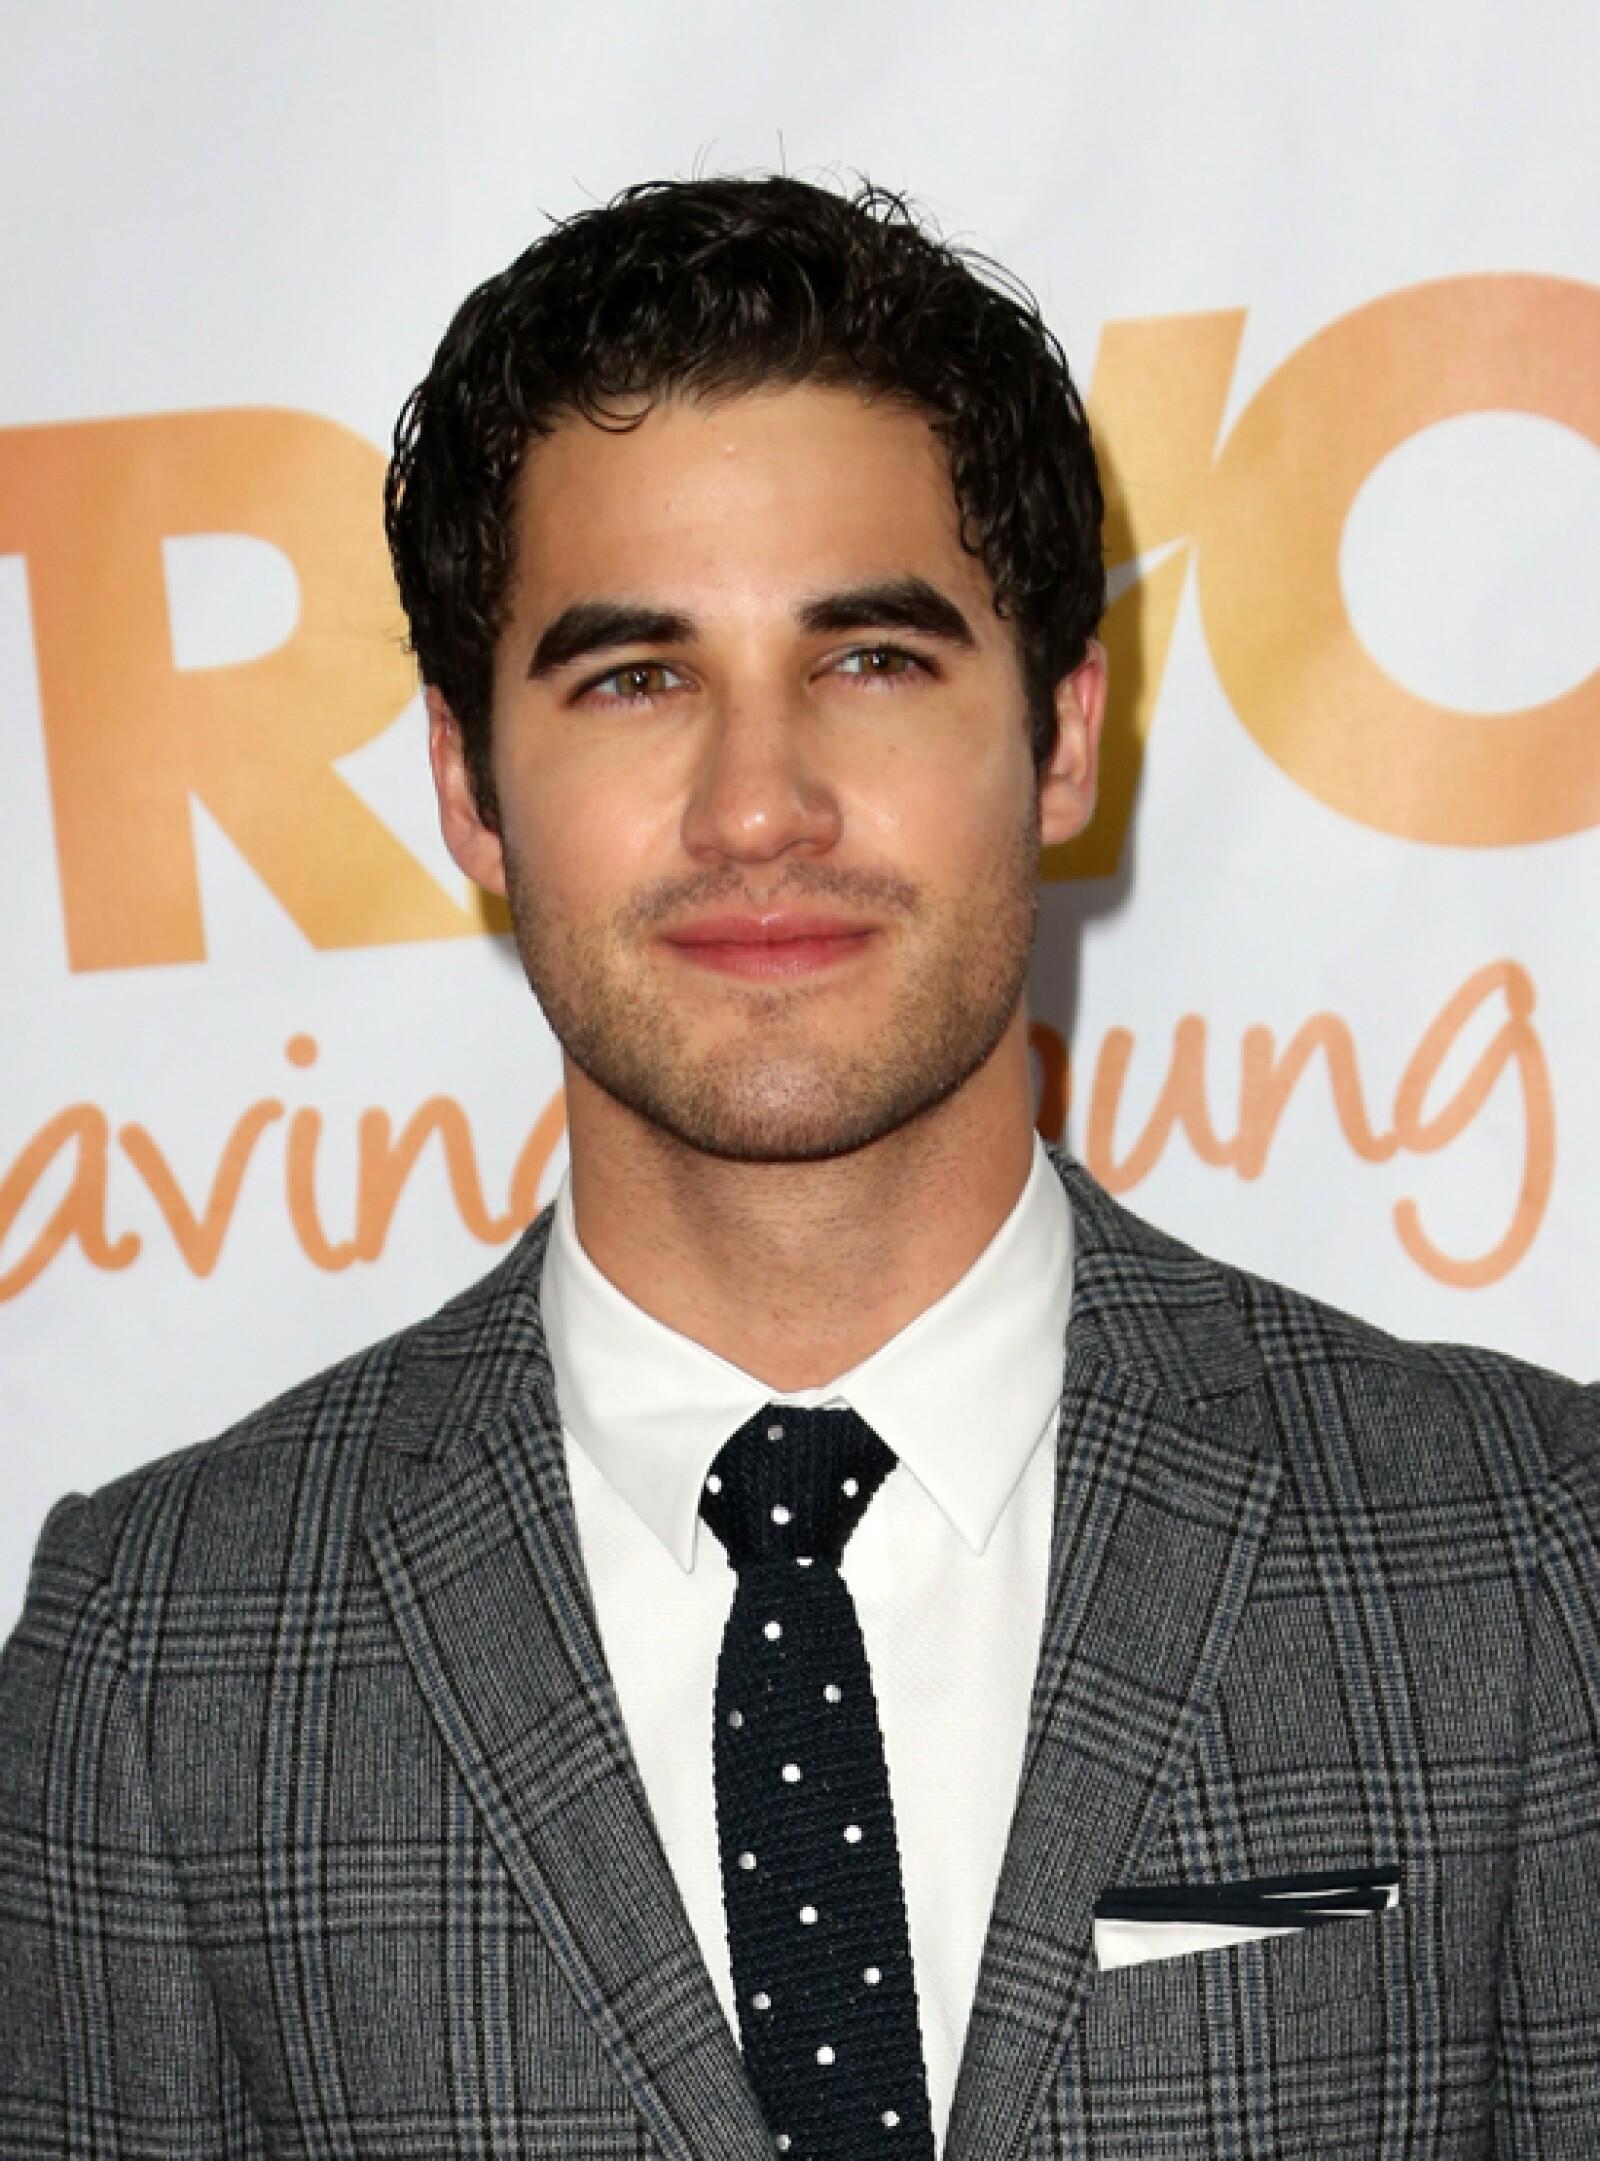 Darren Criss no aparenta en lo absoluto tener familia asiática, sin embargo su mamá es de ascendencia filipina y china.